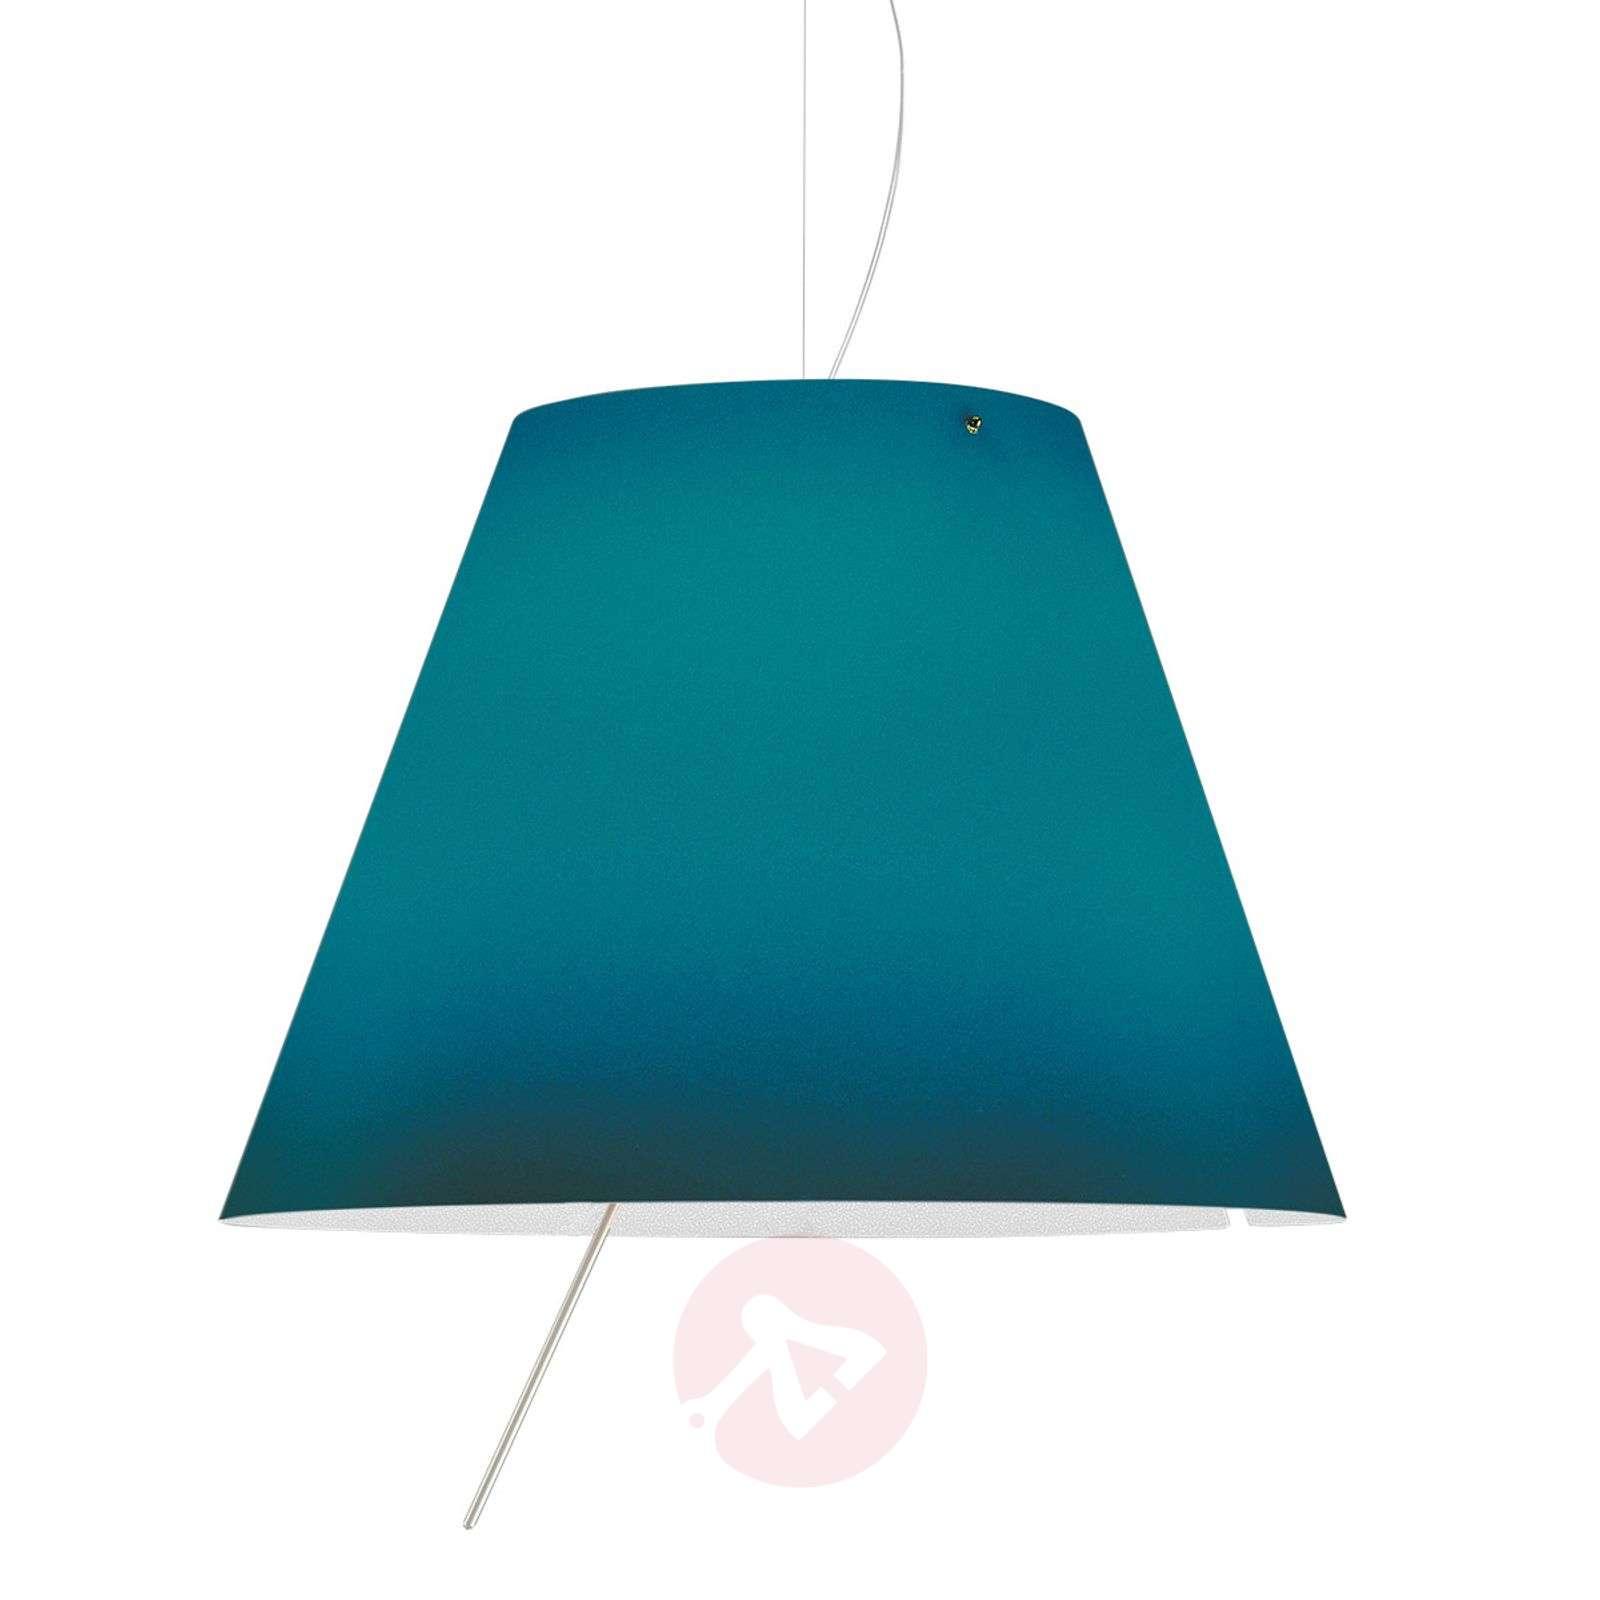 Sininen LED-riippuvalaisin Costanza, korkeussäätö-6030158-01